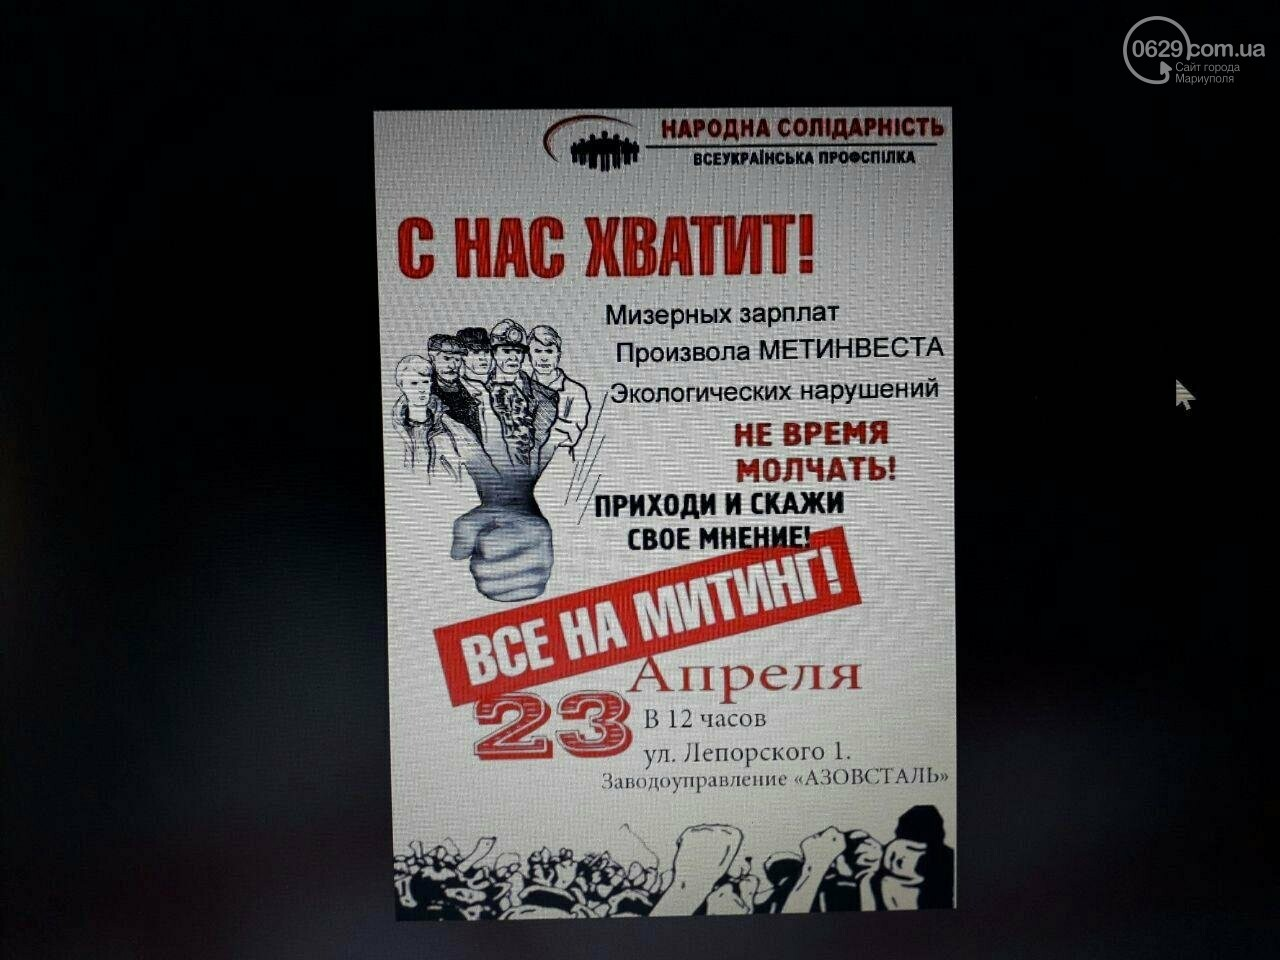 По Мариуполю расклеивают листовки с призывами выйти на митинг. Это провокация, - независимый профсоюз, фото-1